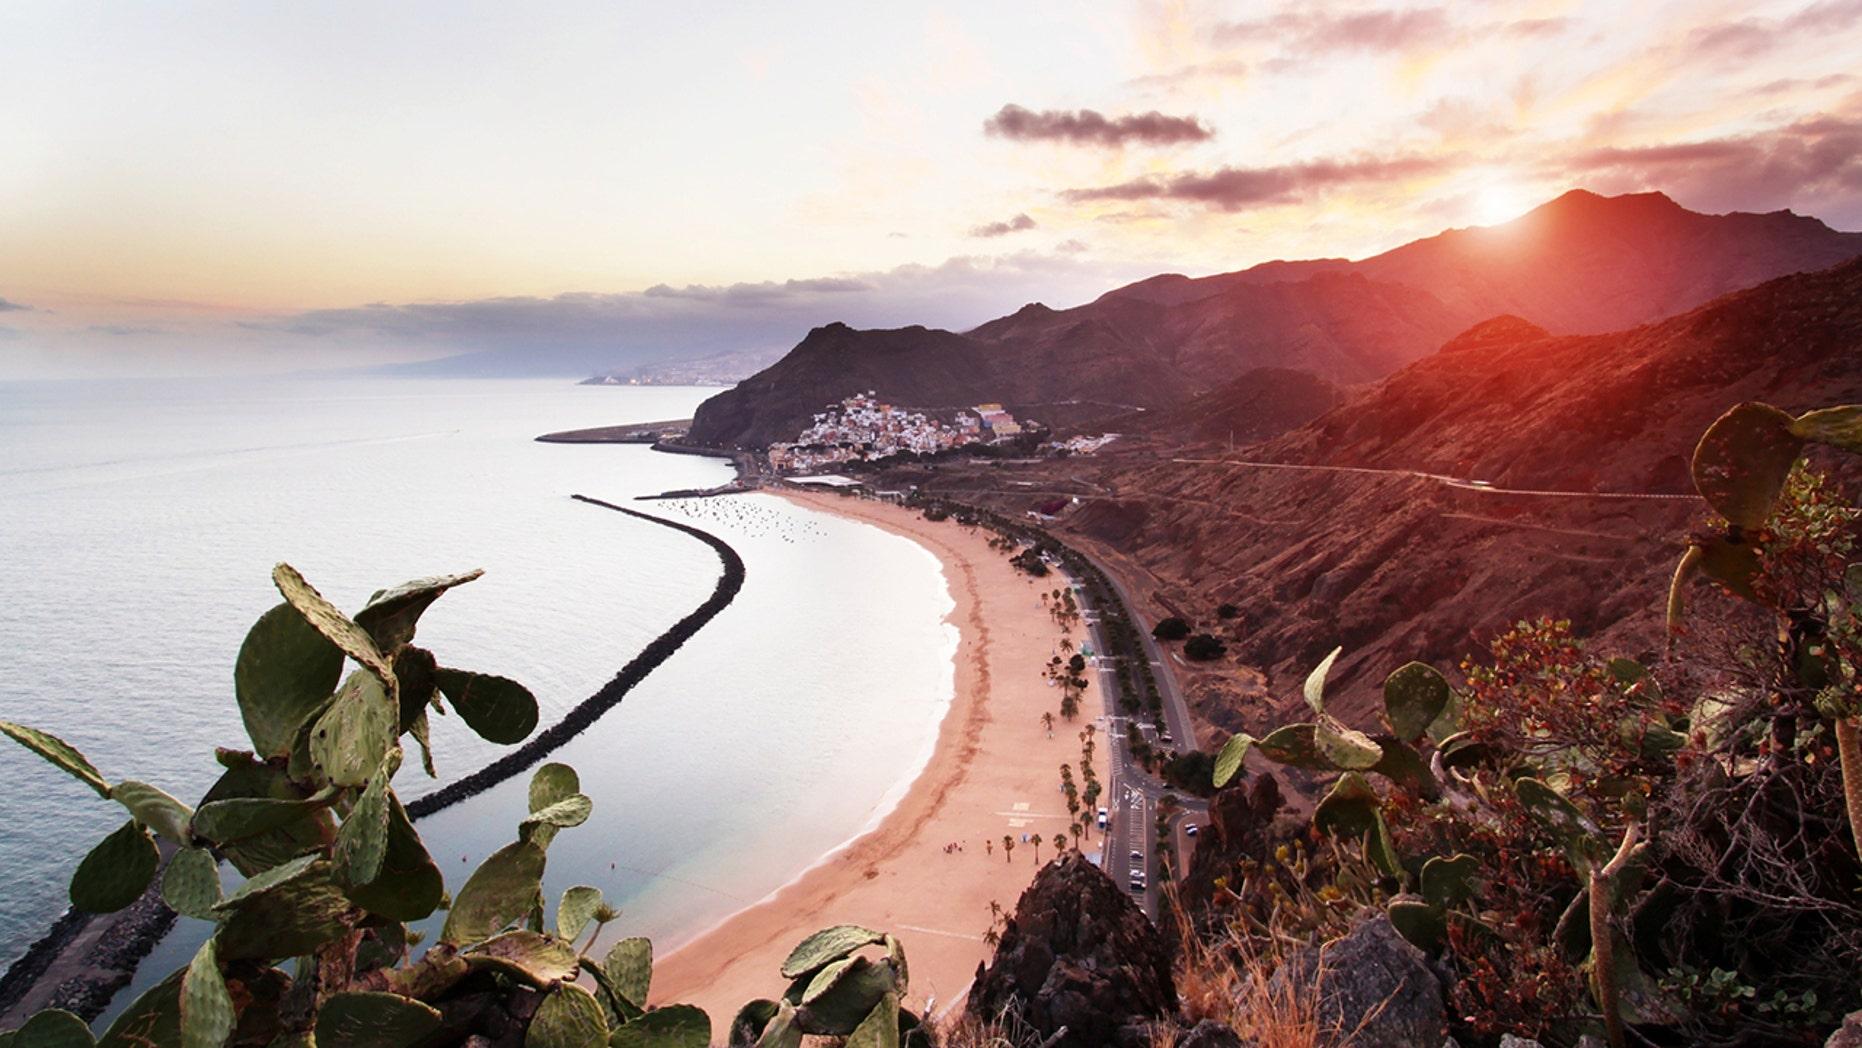 View of Playa de Las Teresitas, Sant Andres and Santa Cruz de Tenerife at sunset.